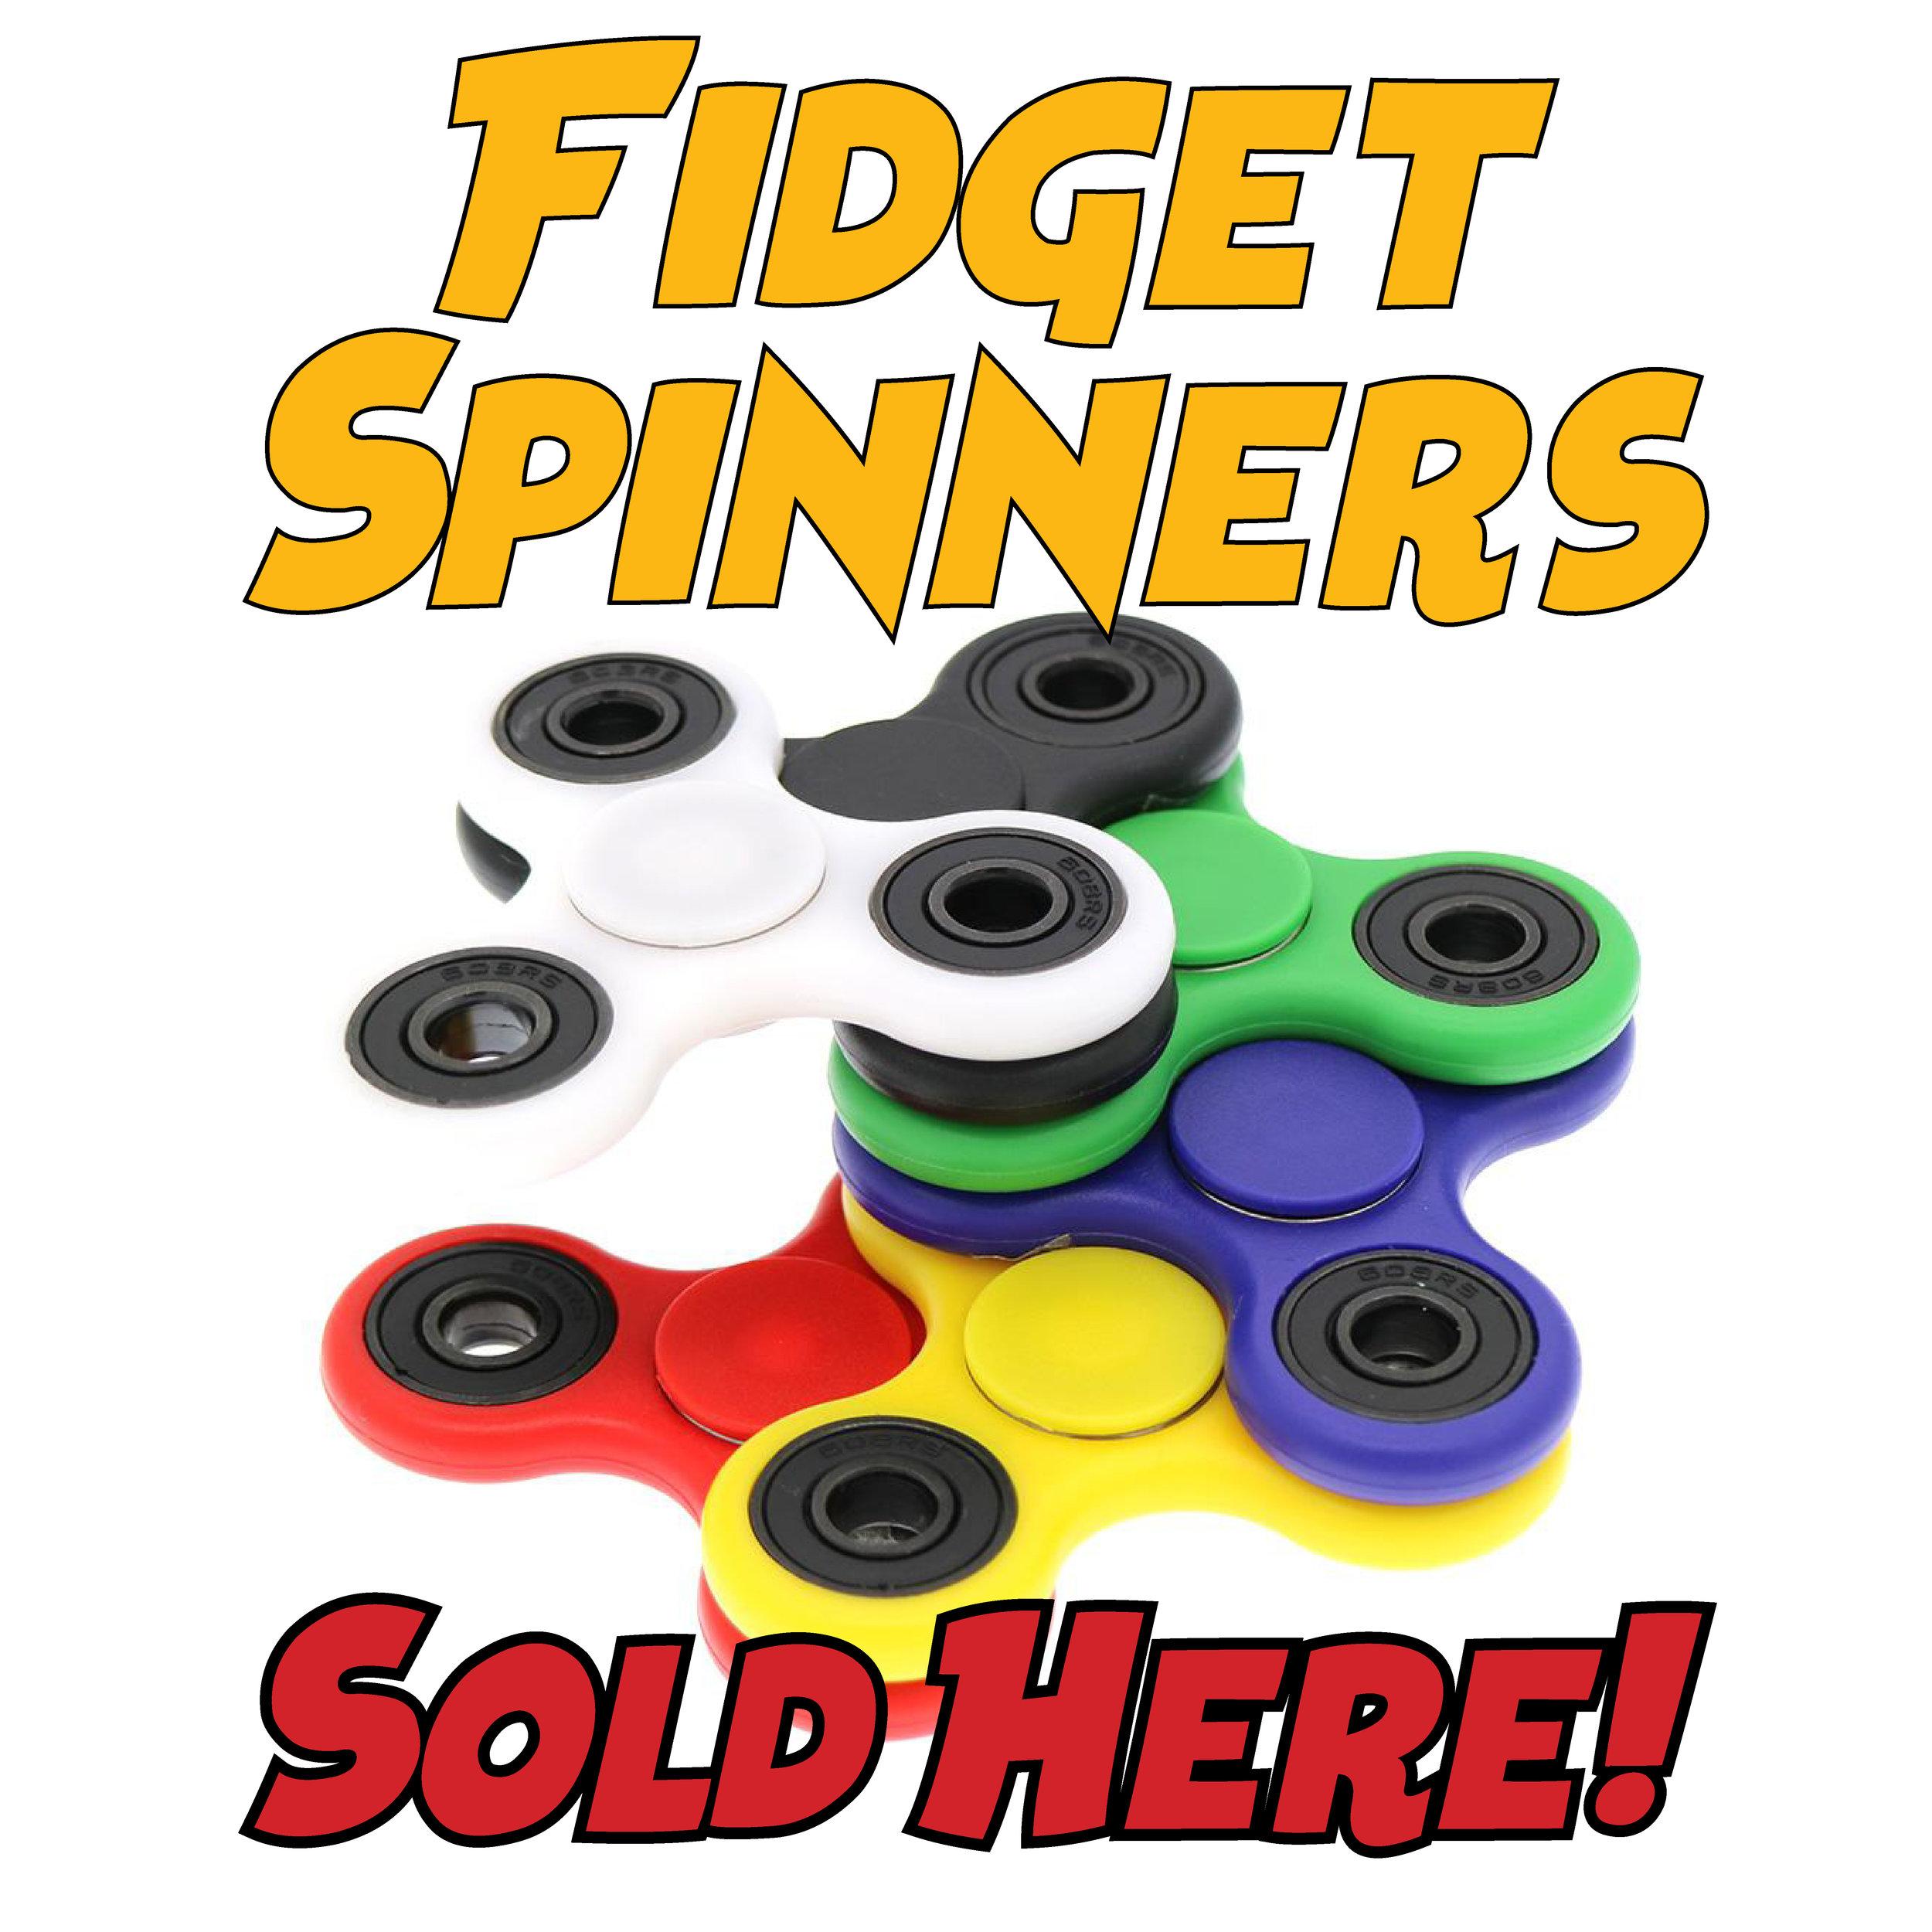 Spinners3.jpg